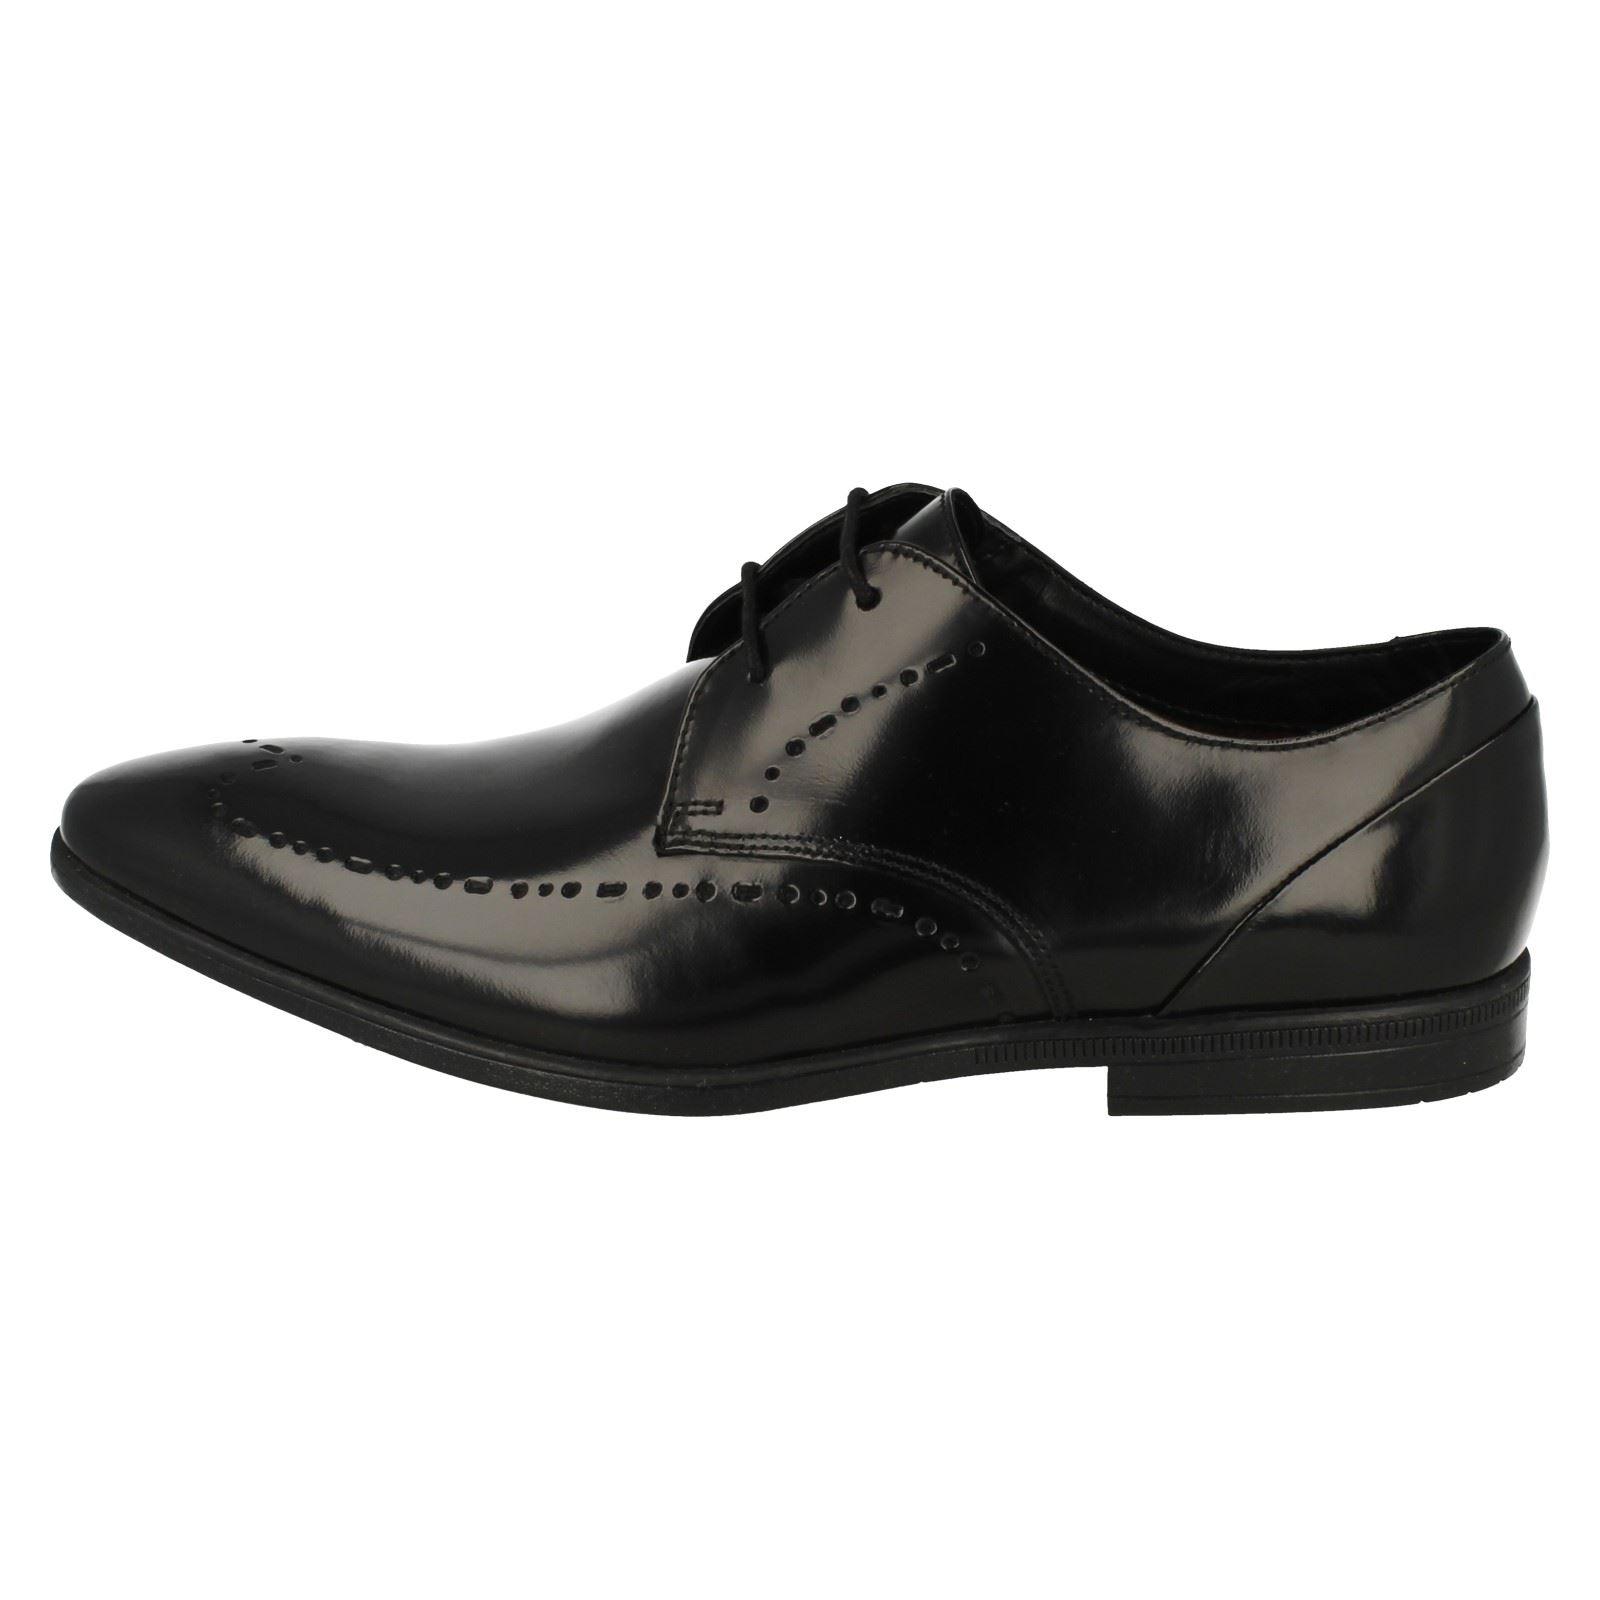 Mens Clarks Smart Lace Up Shoes /'Bampton Limit/'